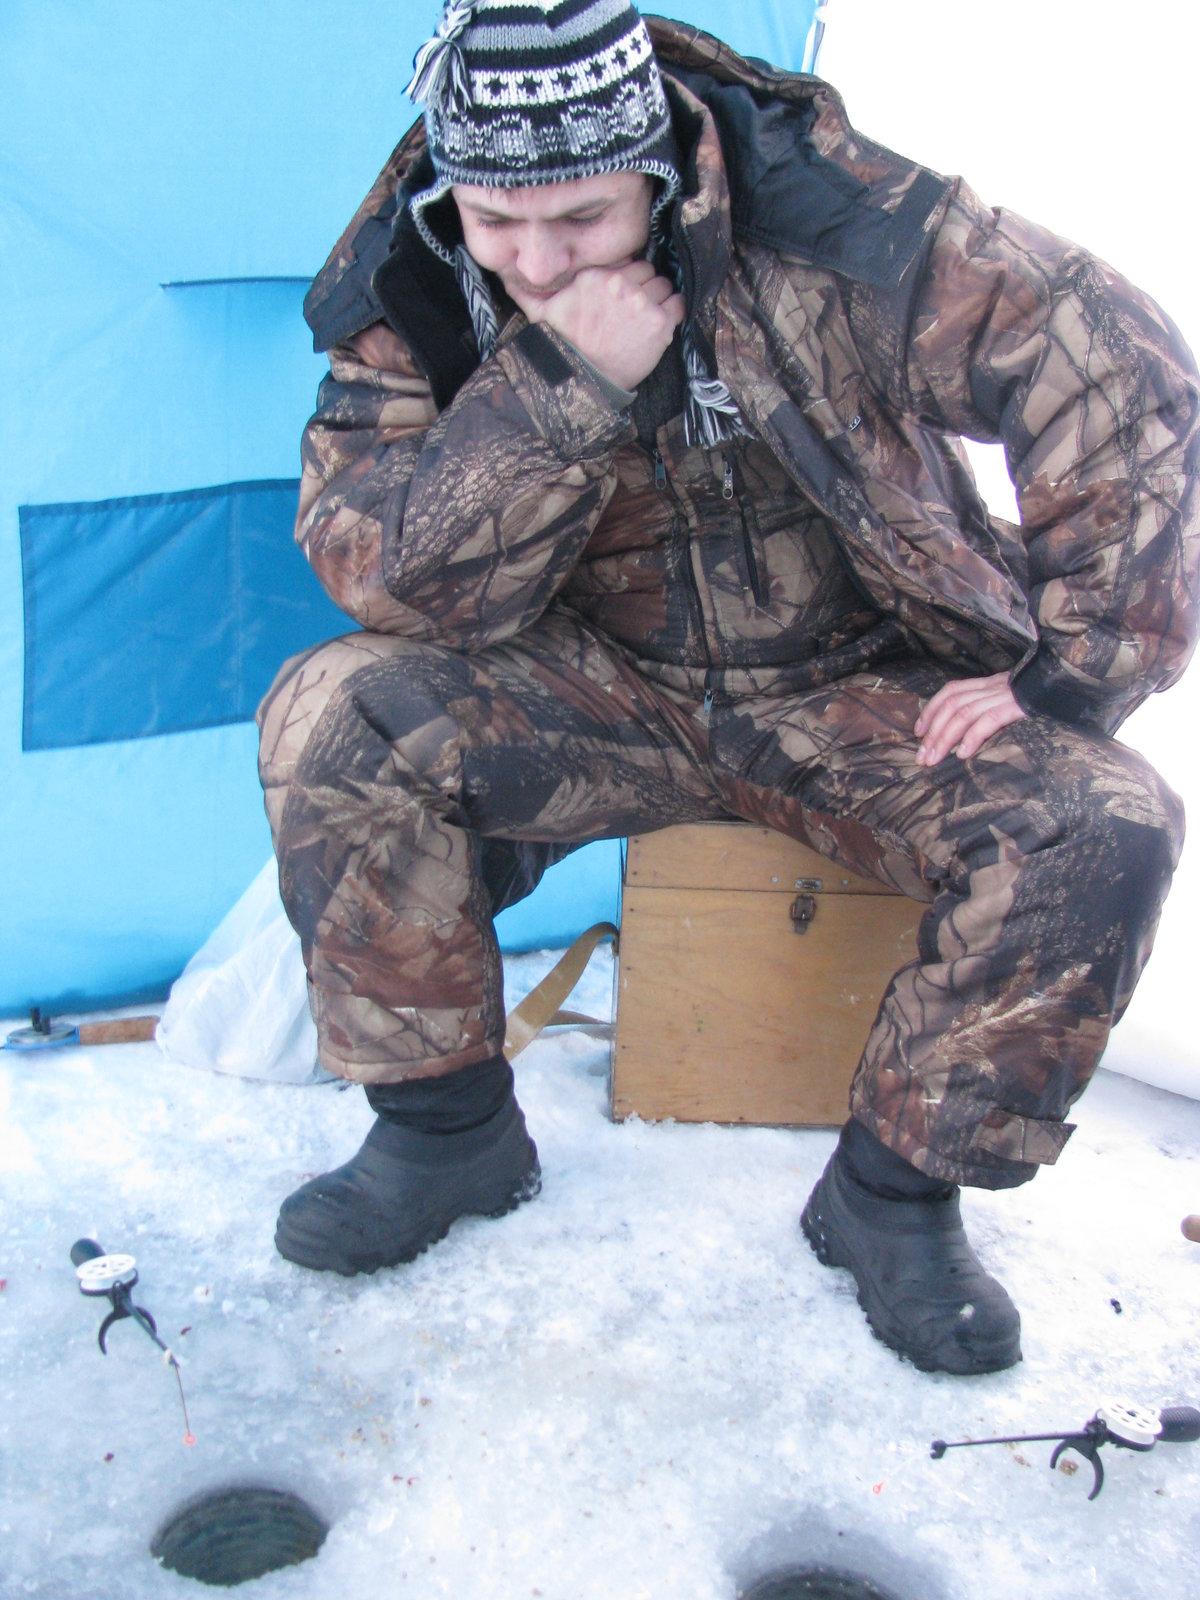 Купите палатку для зимней рыбалки и будете чувствовать себя комфортно в любую погоду.